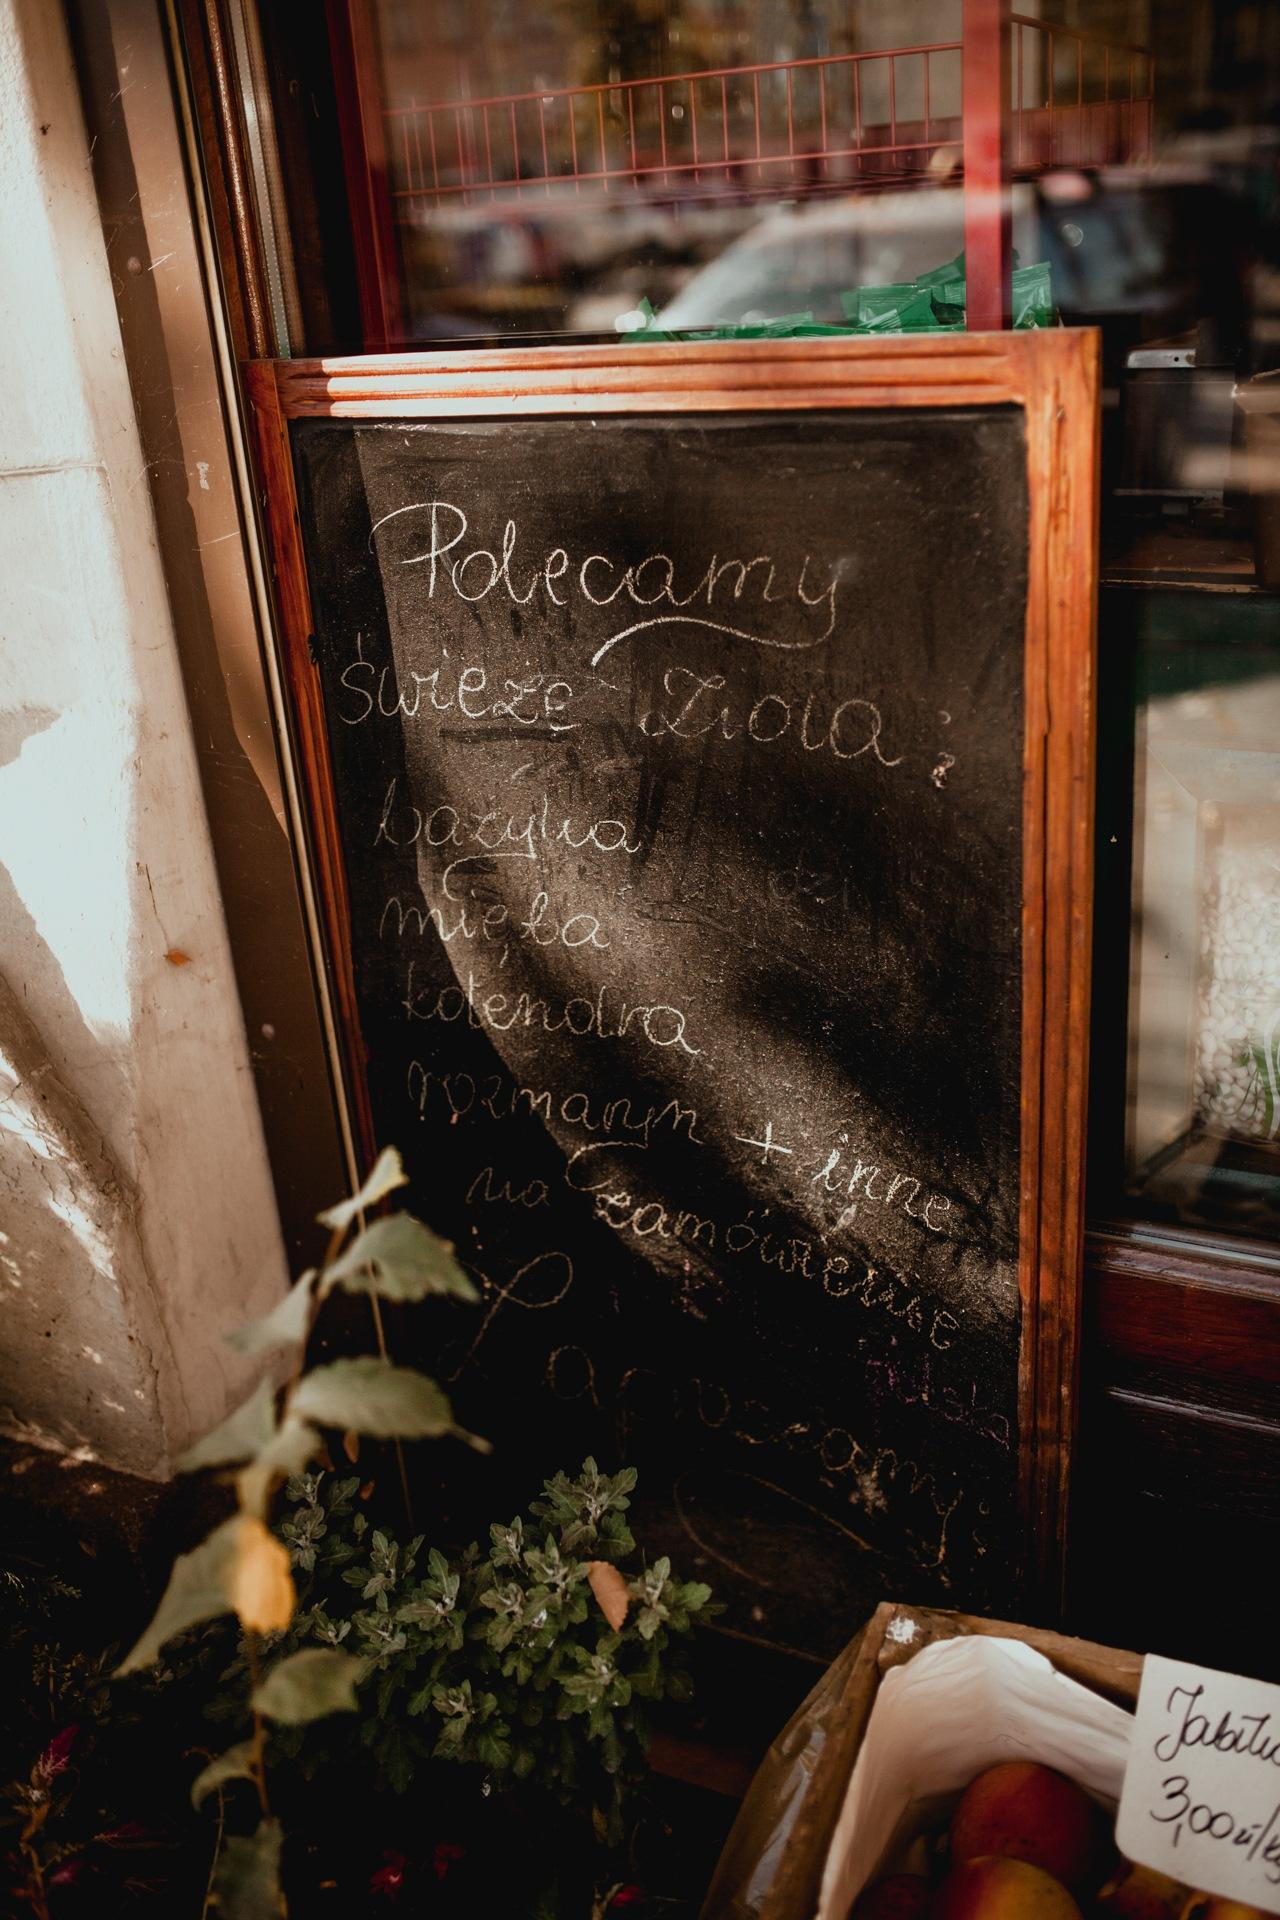 Restauracje na Kazimierzu,gdzie zjeść w Krakowie?